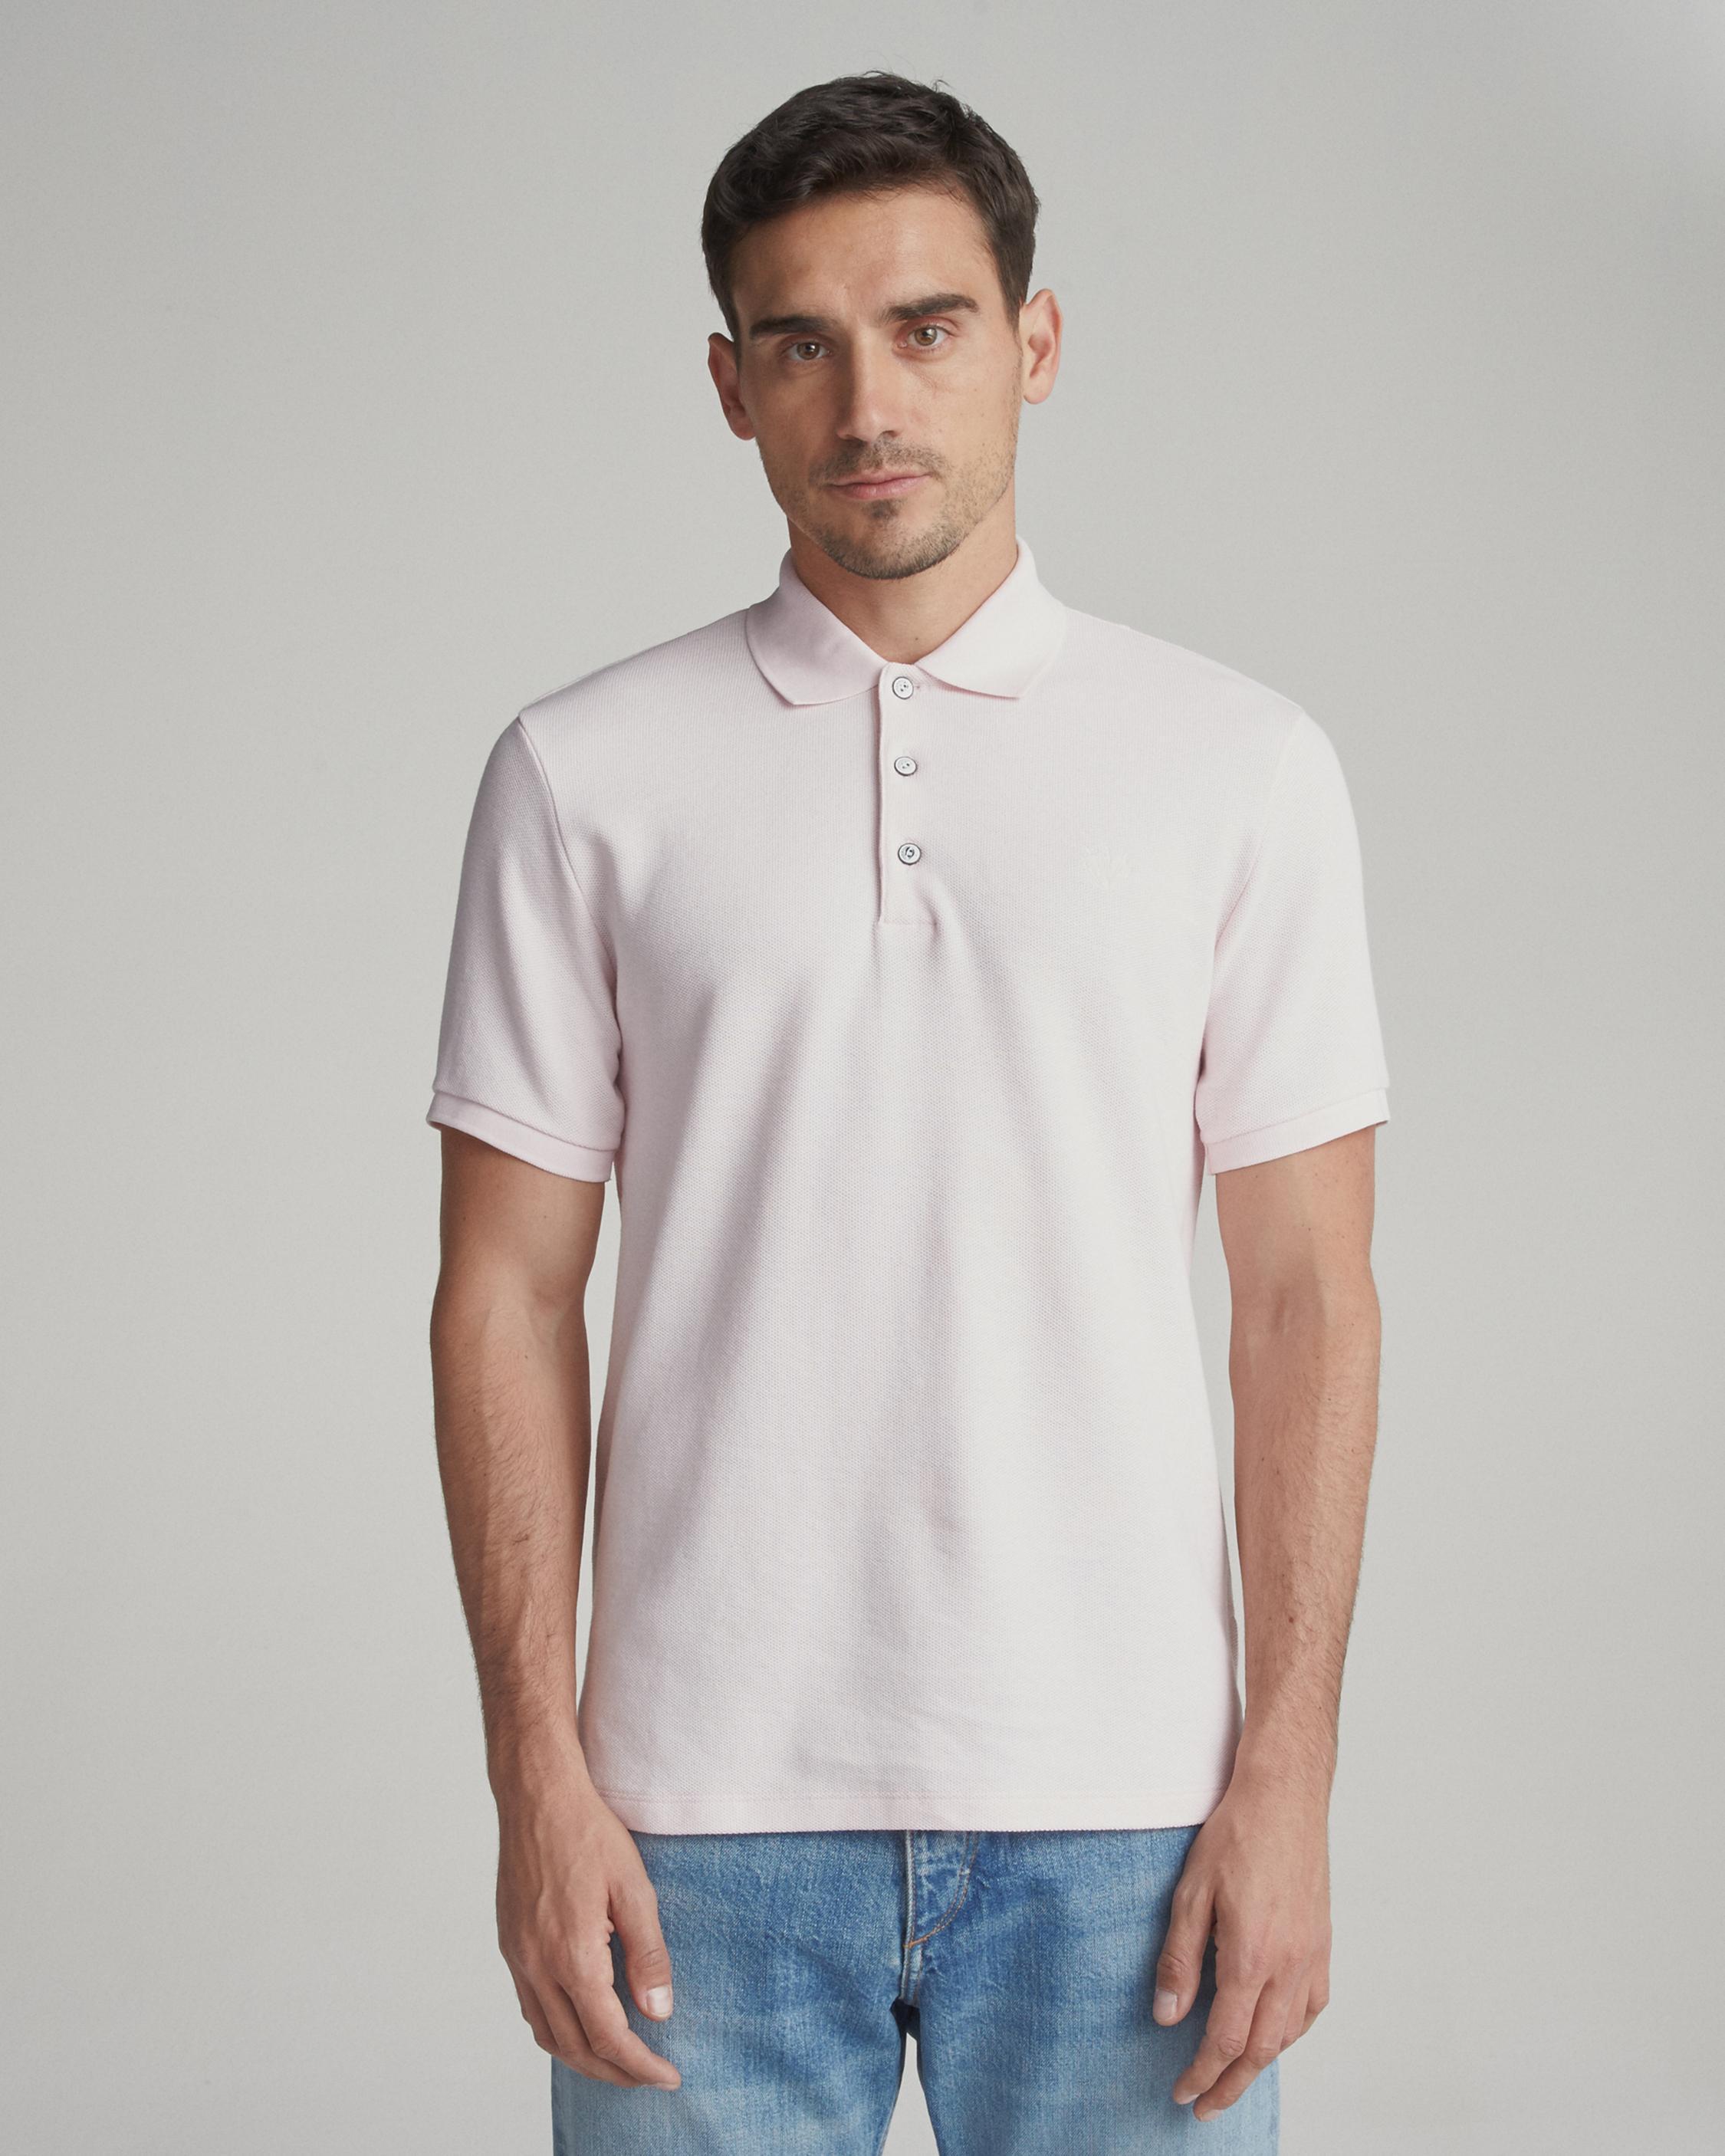 Pique Polo Men Shirts Rag Bone